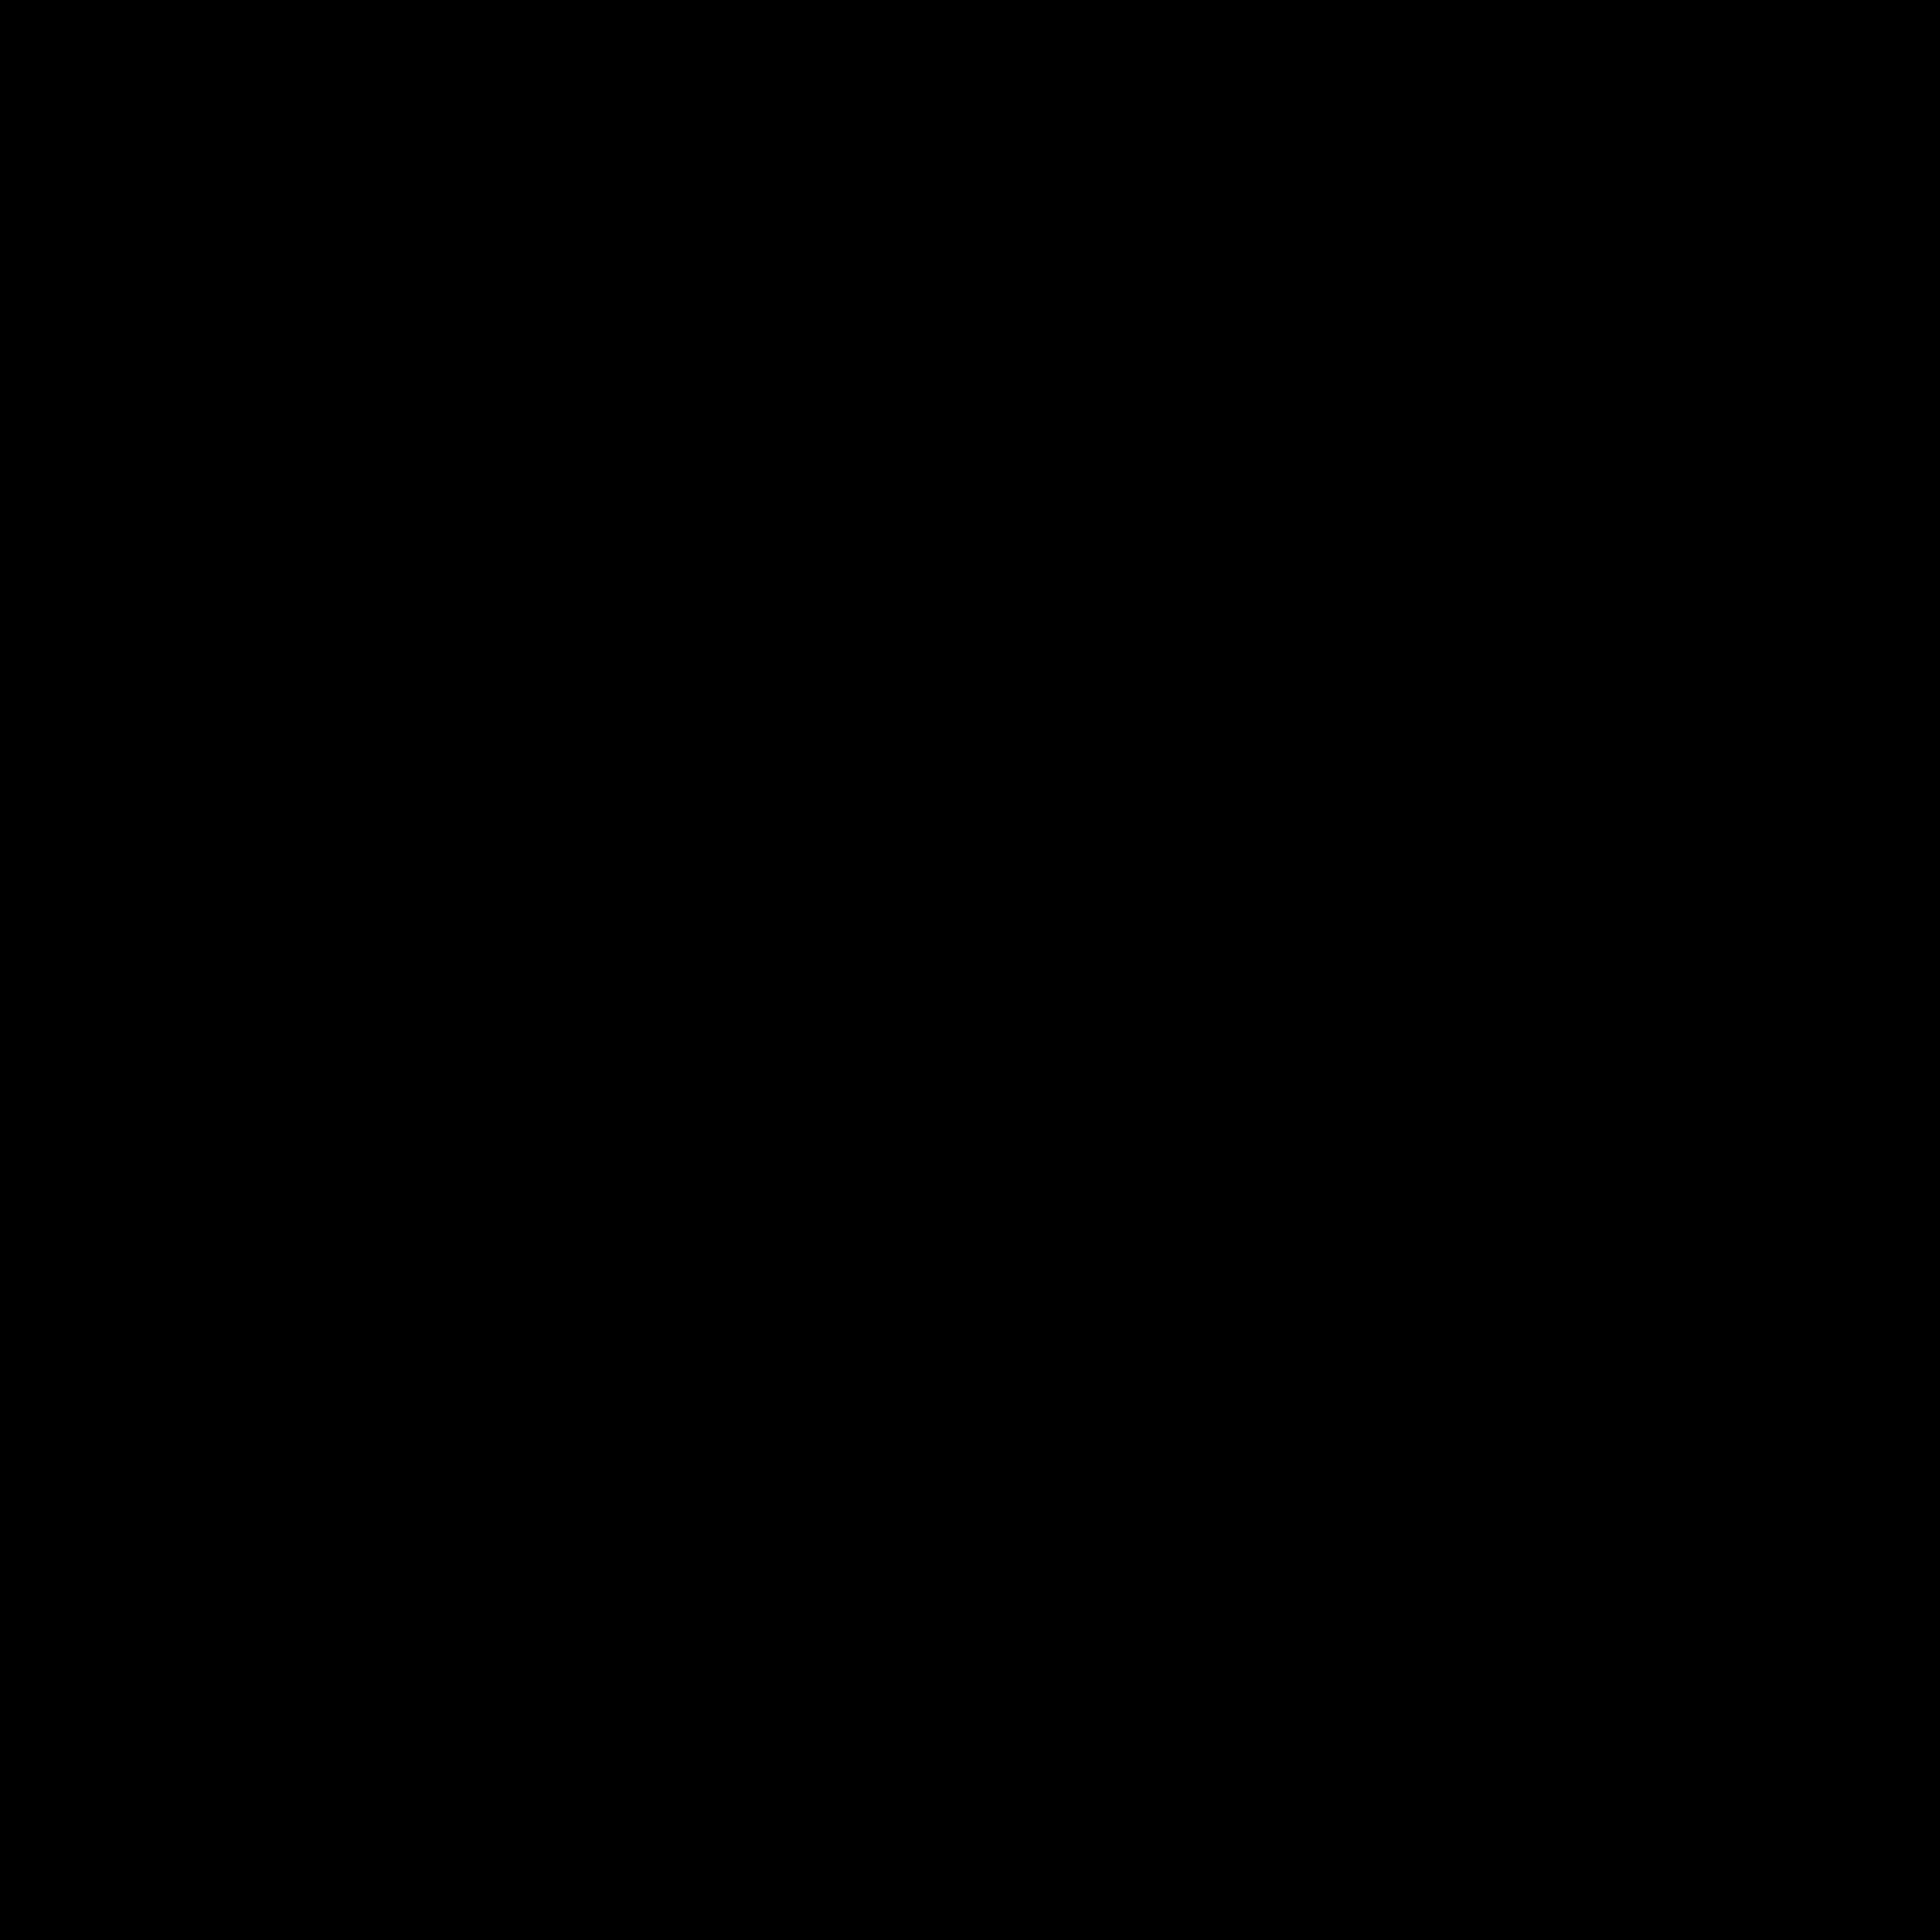 LVM Versicherung Martin Sommerberg - Versicherungsagentur